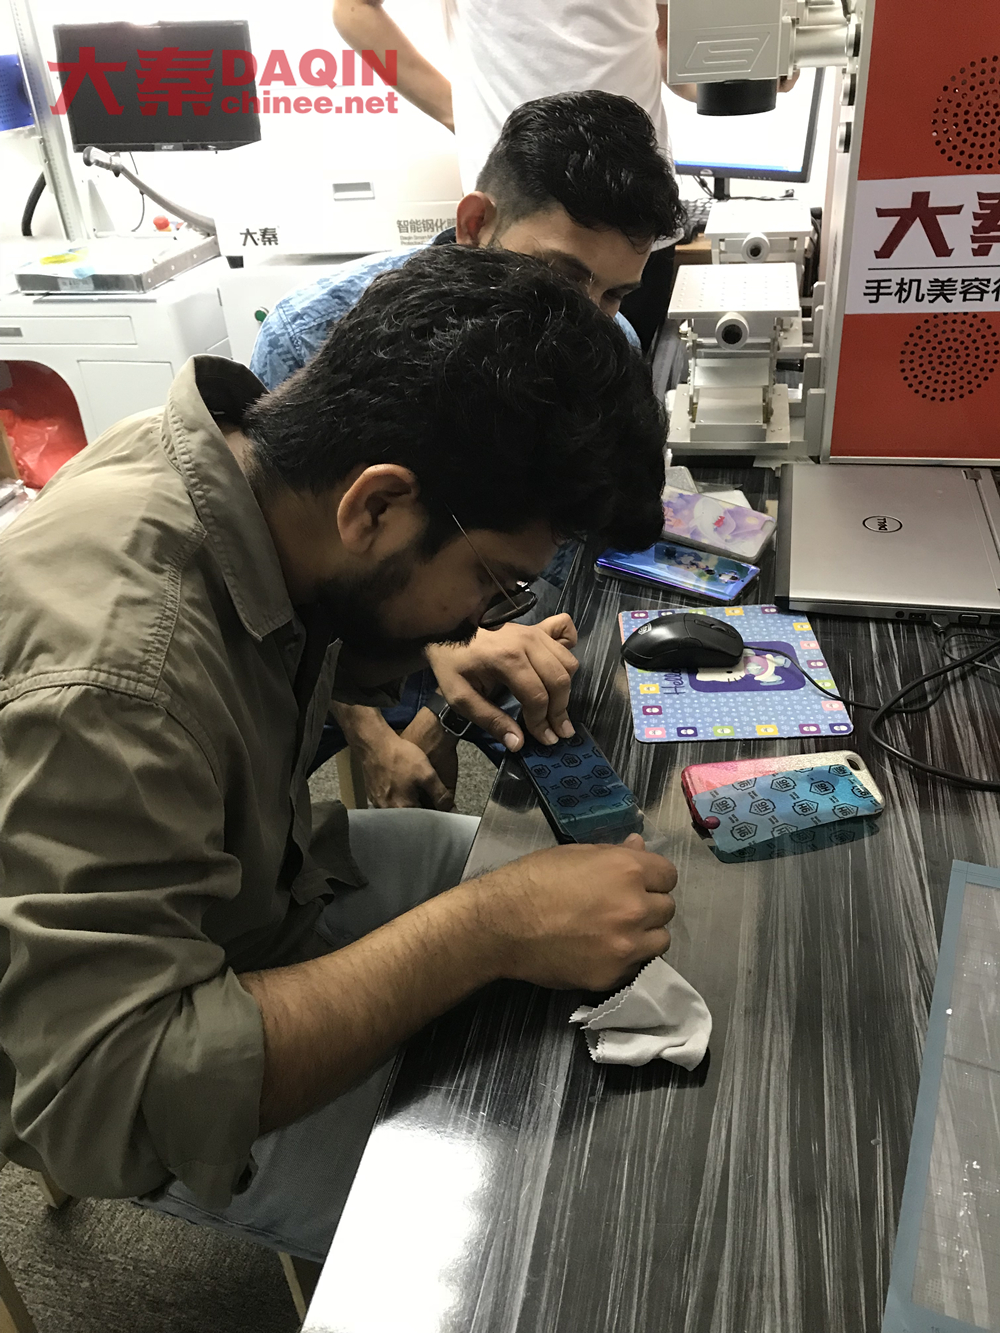 Customer in DAQIN